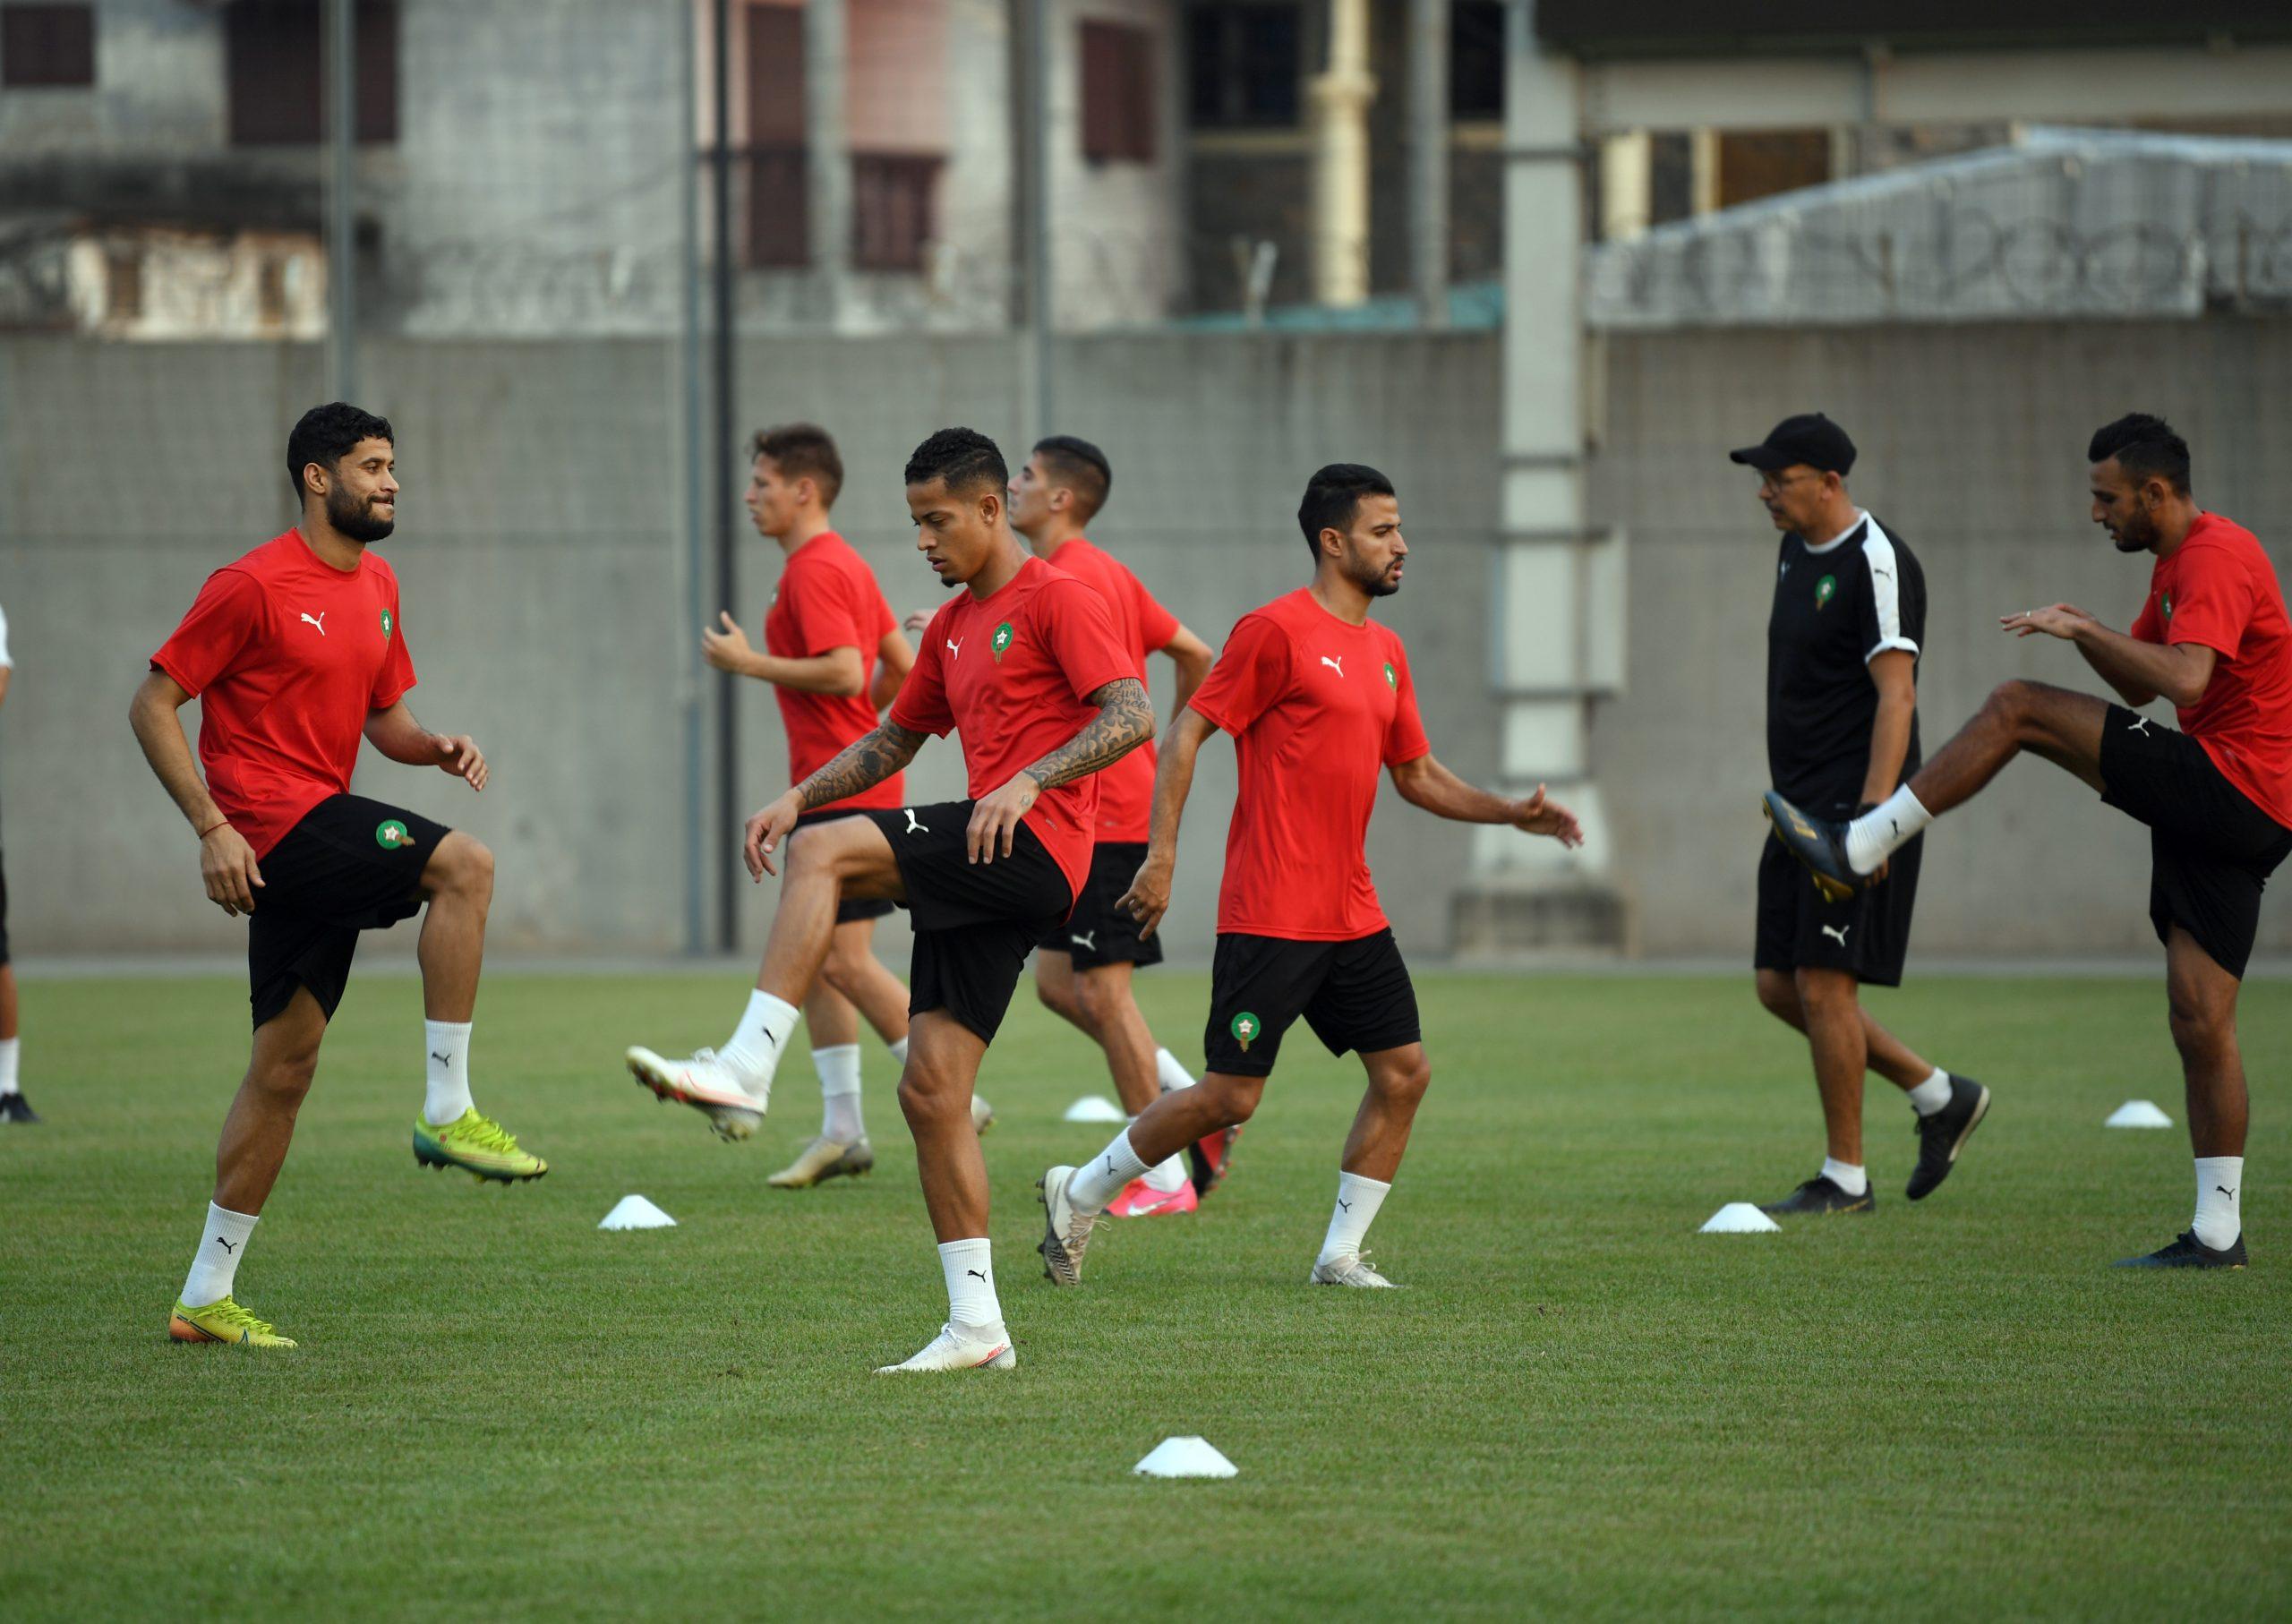 """""""الكاف"""" يصنف المنتخب المغربي ضمن المرشحين فوق العادة للفوز بكأس إفريقيا"""